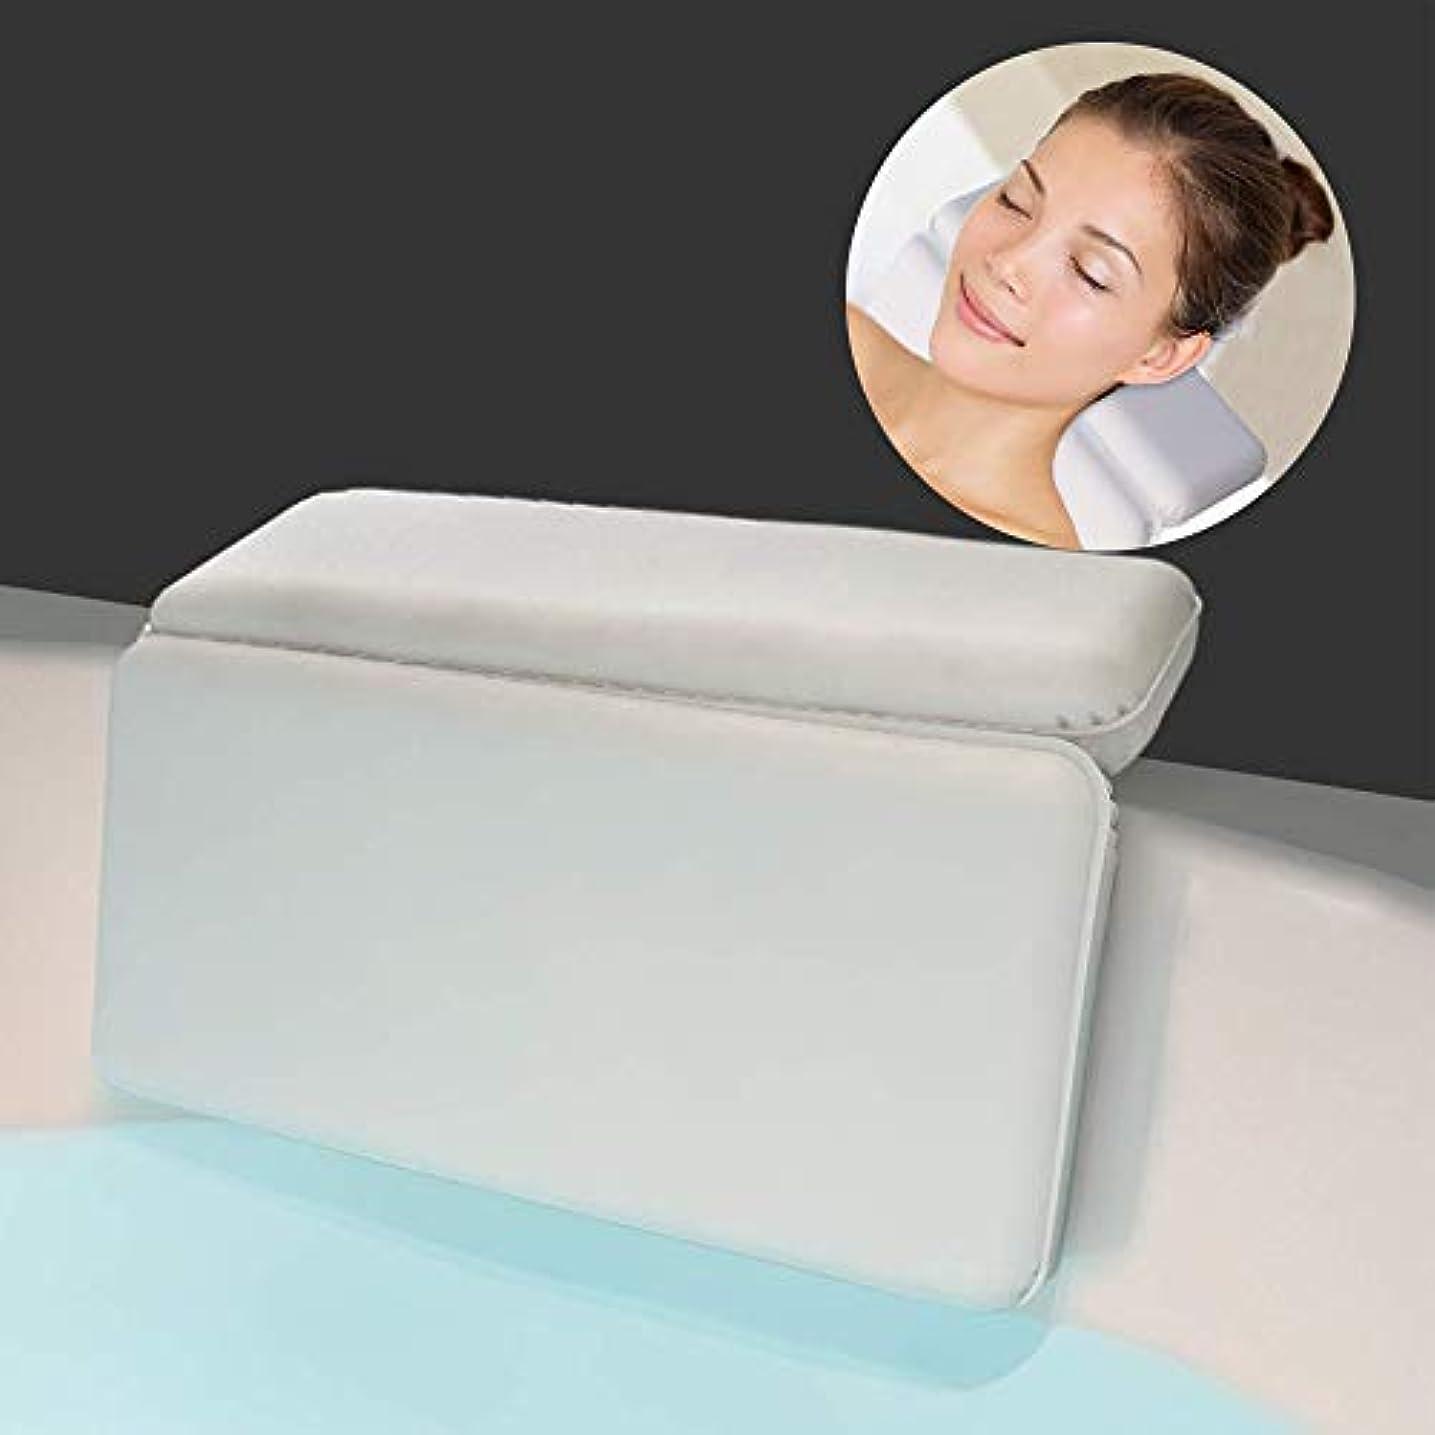 センチメンタルリーダーシップ栄養サクションカップ付き防水ソフトバスピローショルダー&ネックサポート用の高級バスクッション。あらゆるサイズの浴槽にフィット